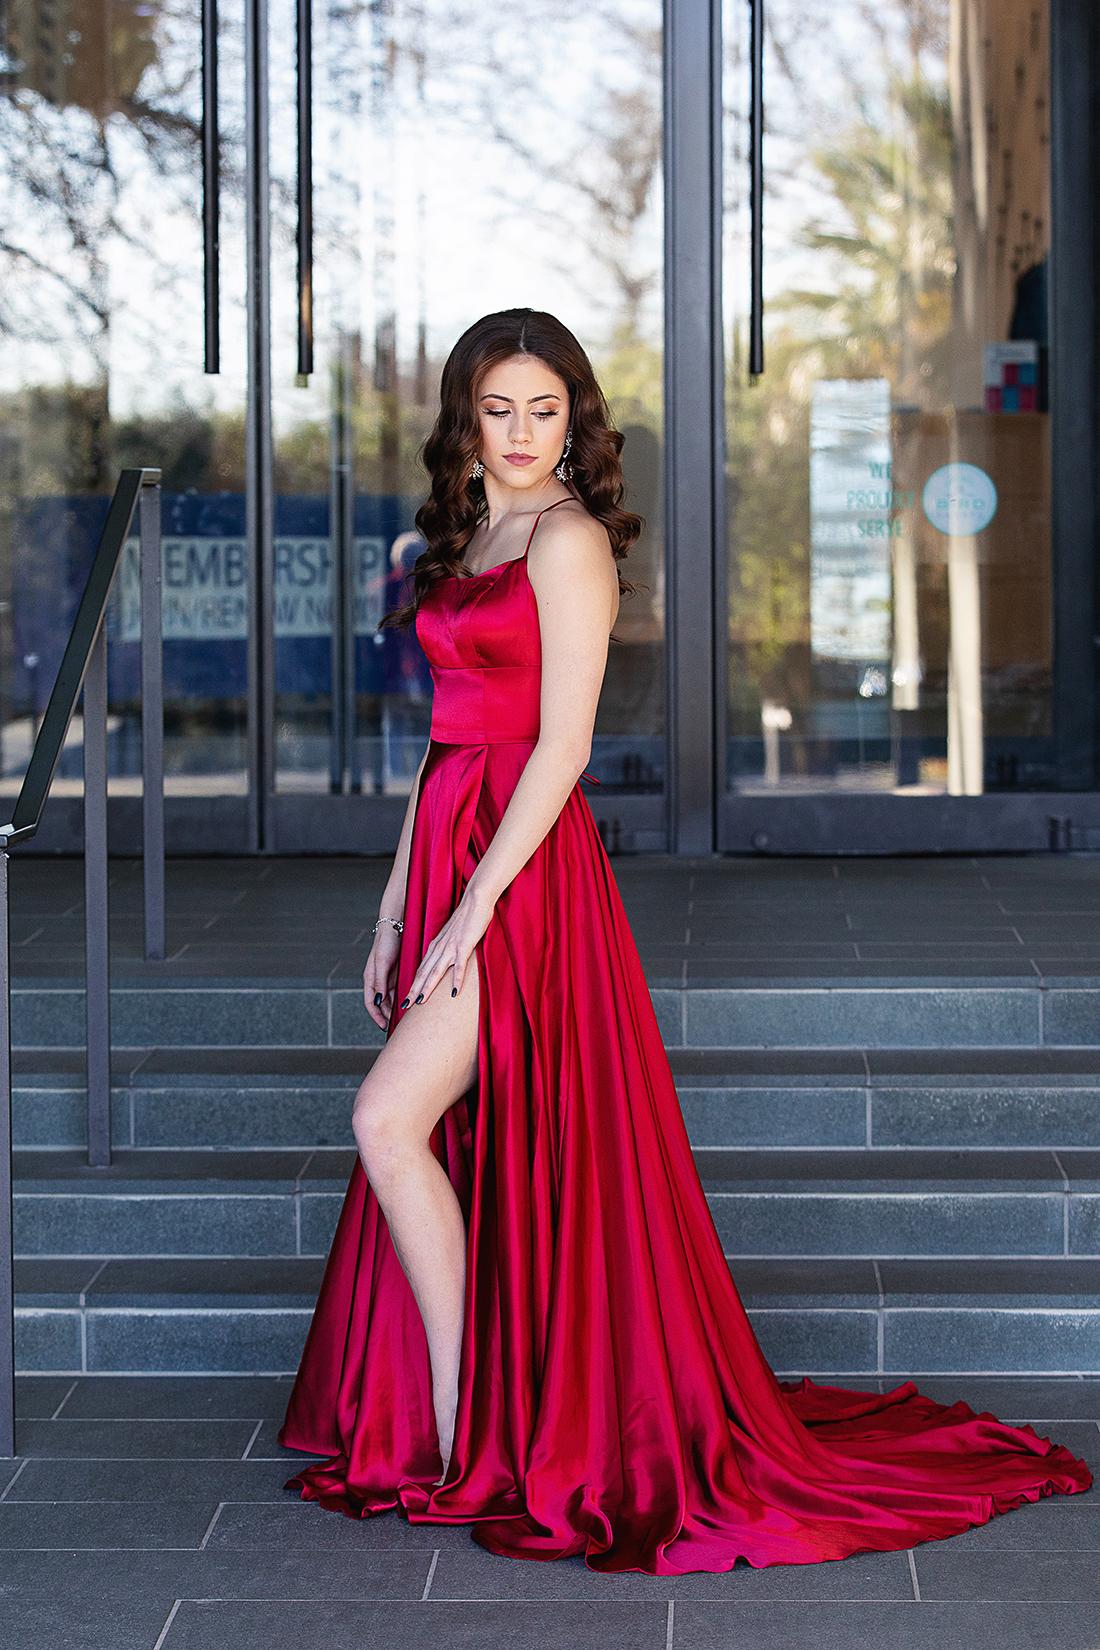 gautier dresses san antonio prom 0E3A4443.jpg